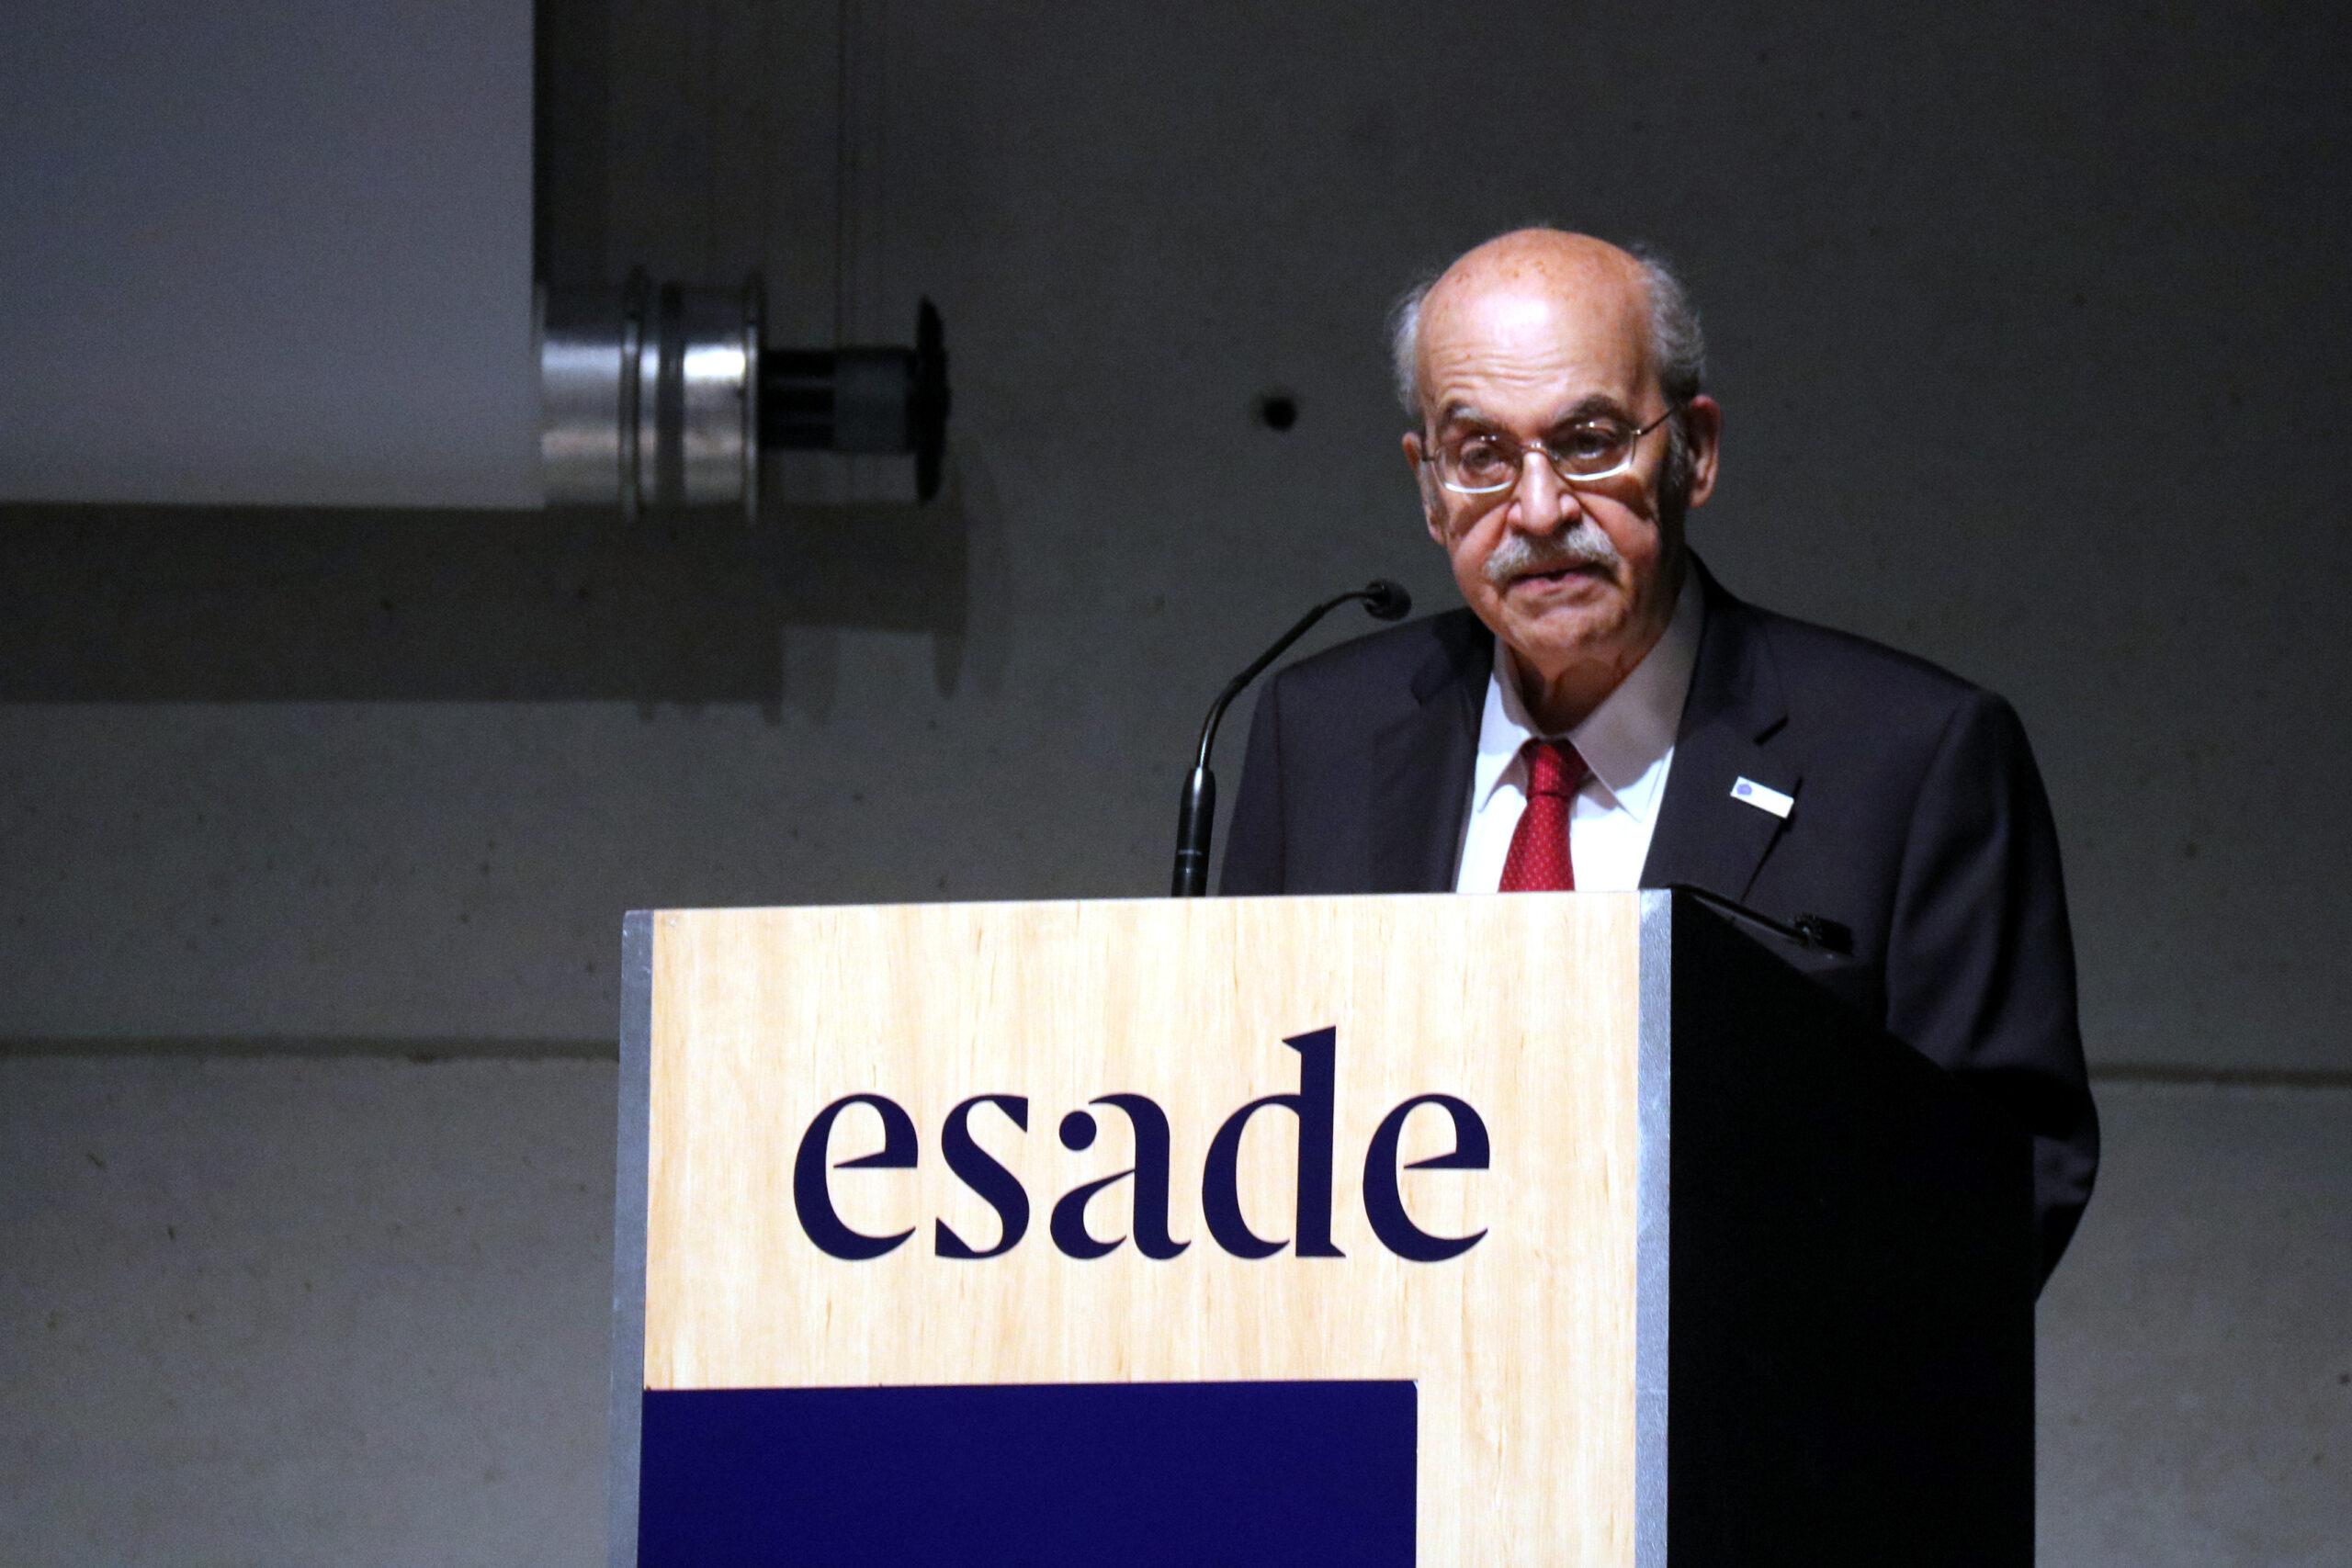 L'exconseller de la Generalitat i catedràtic Andreu Mas-Colell, durant la seva intervenció en l'acte d'Esade a favor de l'ampliació de l'aeroport del Prat, el 2 de juny del 2021 / ACN